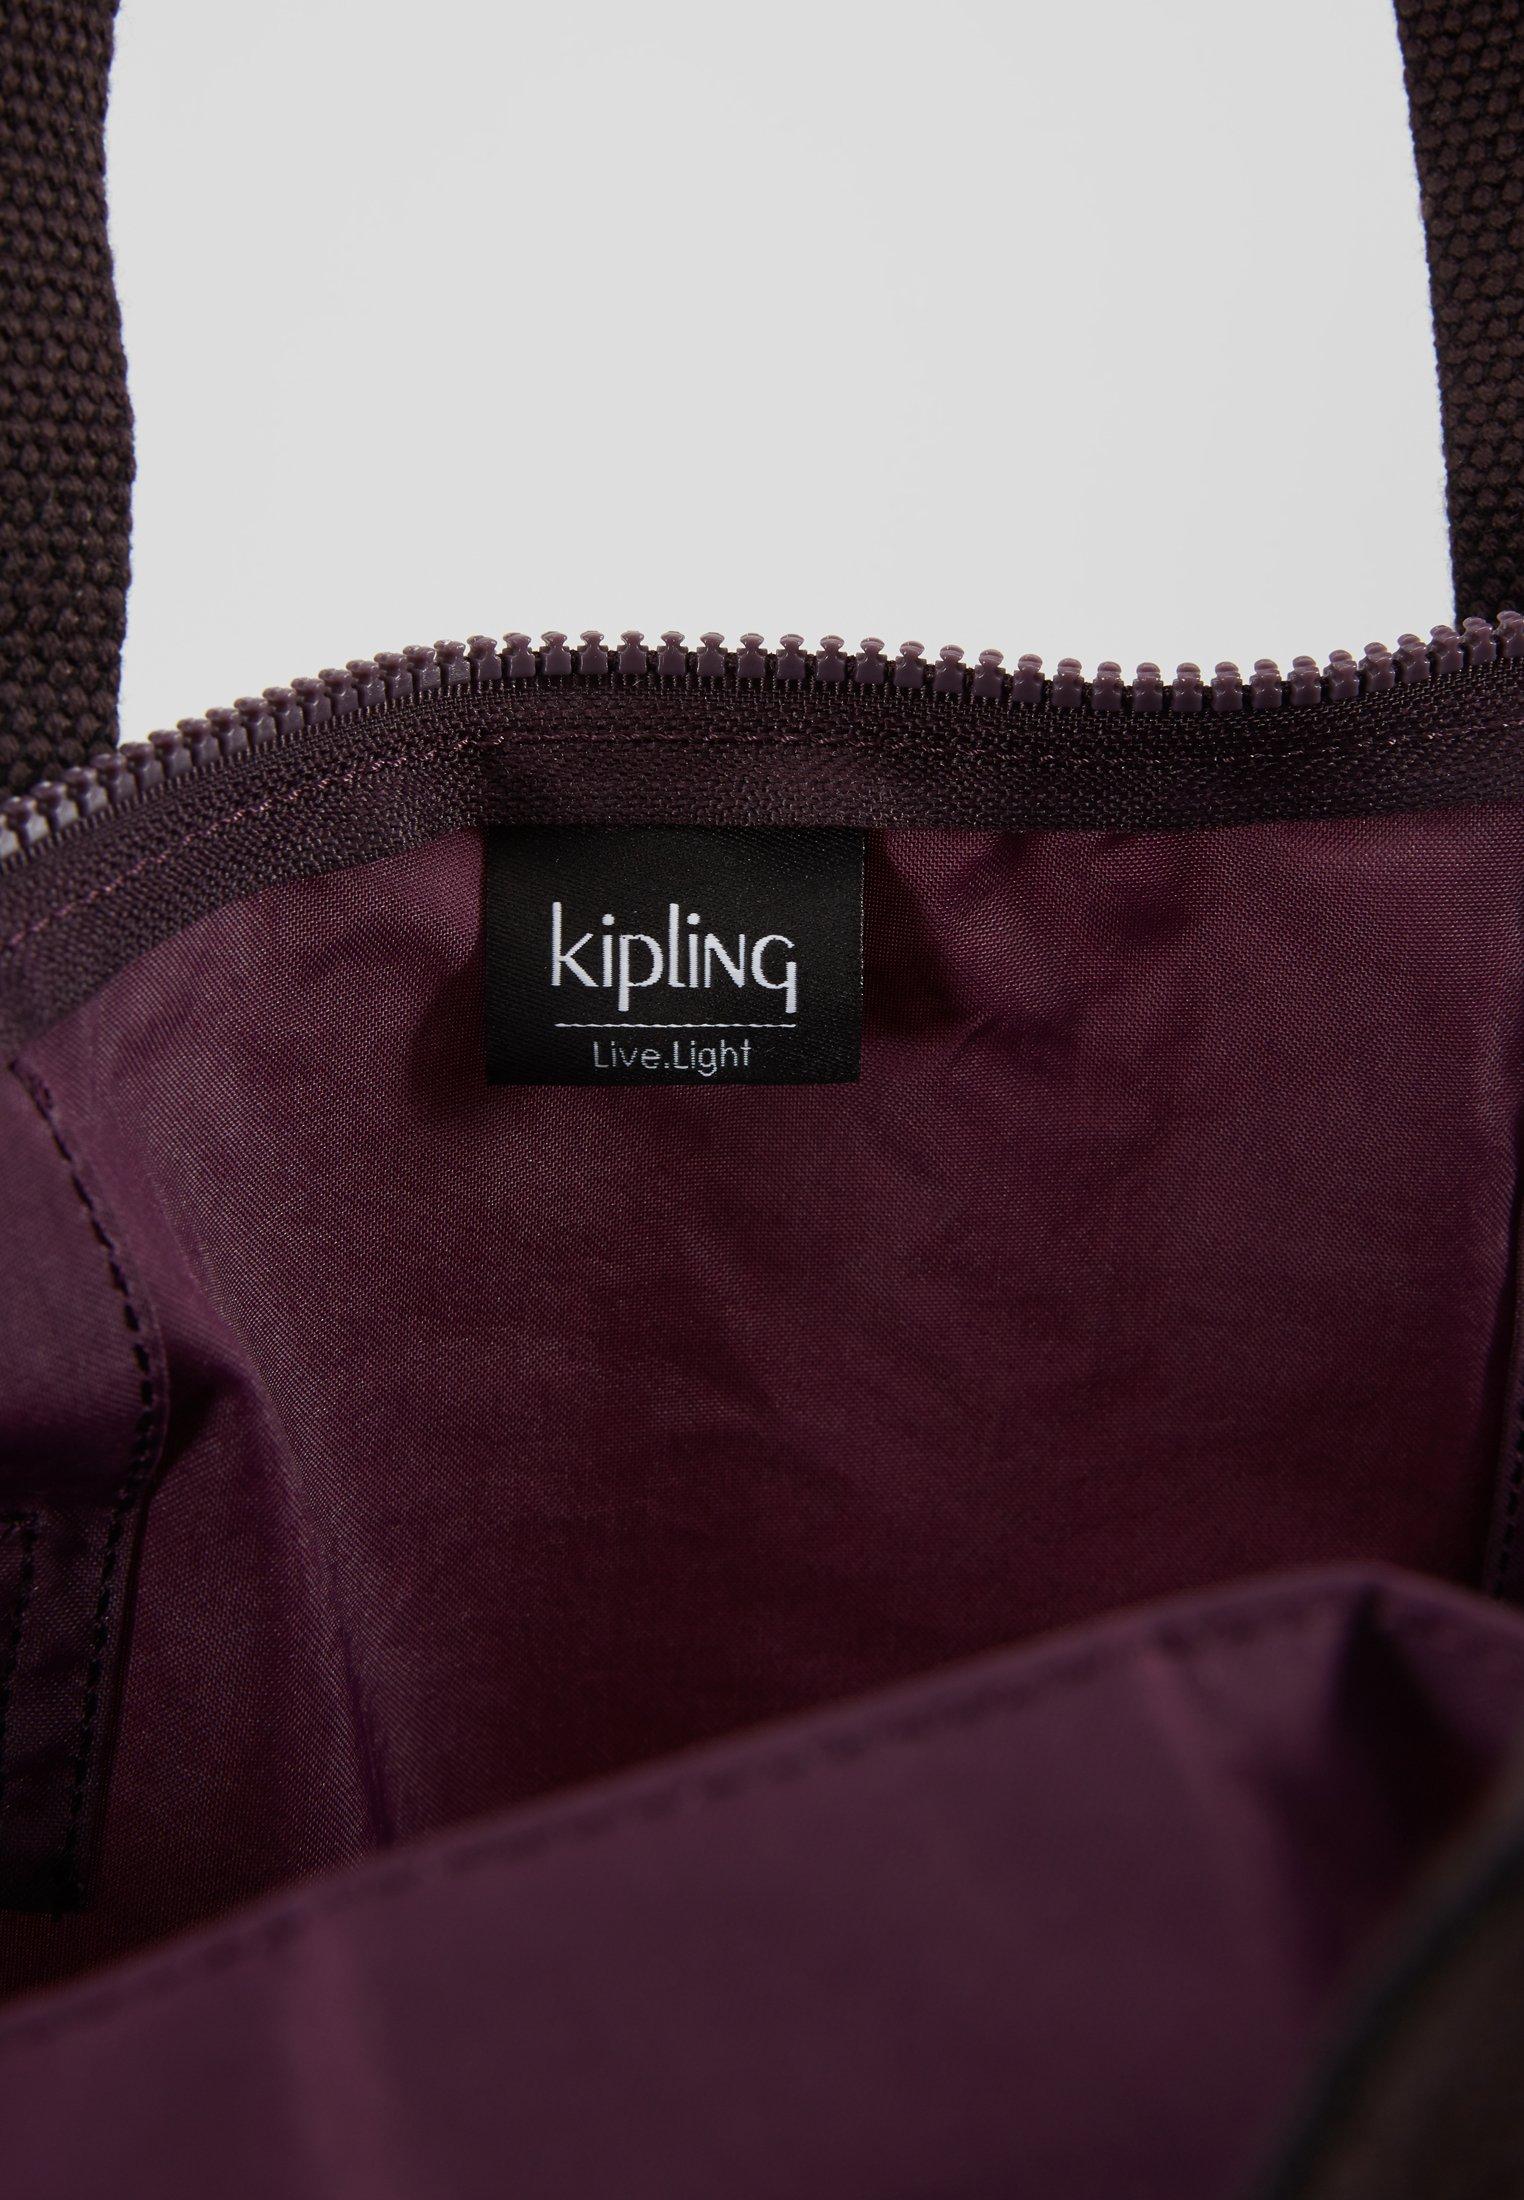 Imagine Dark PackCabas Kipling Kipling PackCabas Plum Plum Imagine PackCabas Dark Imagine Kipling 6y7Ybgf